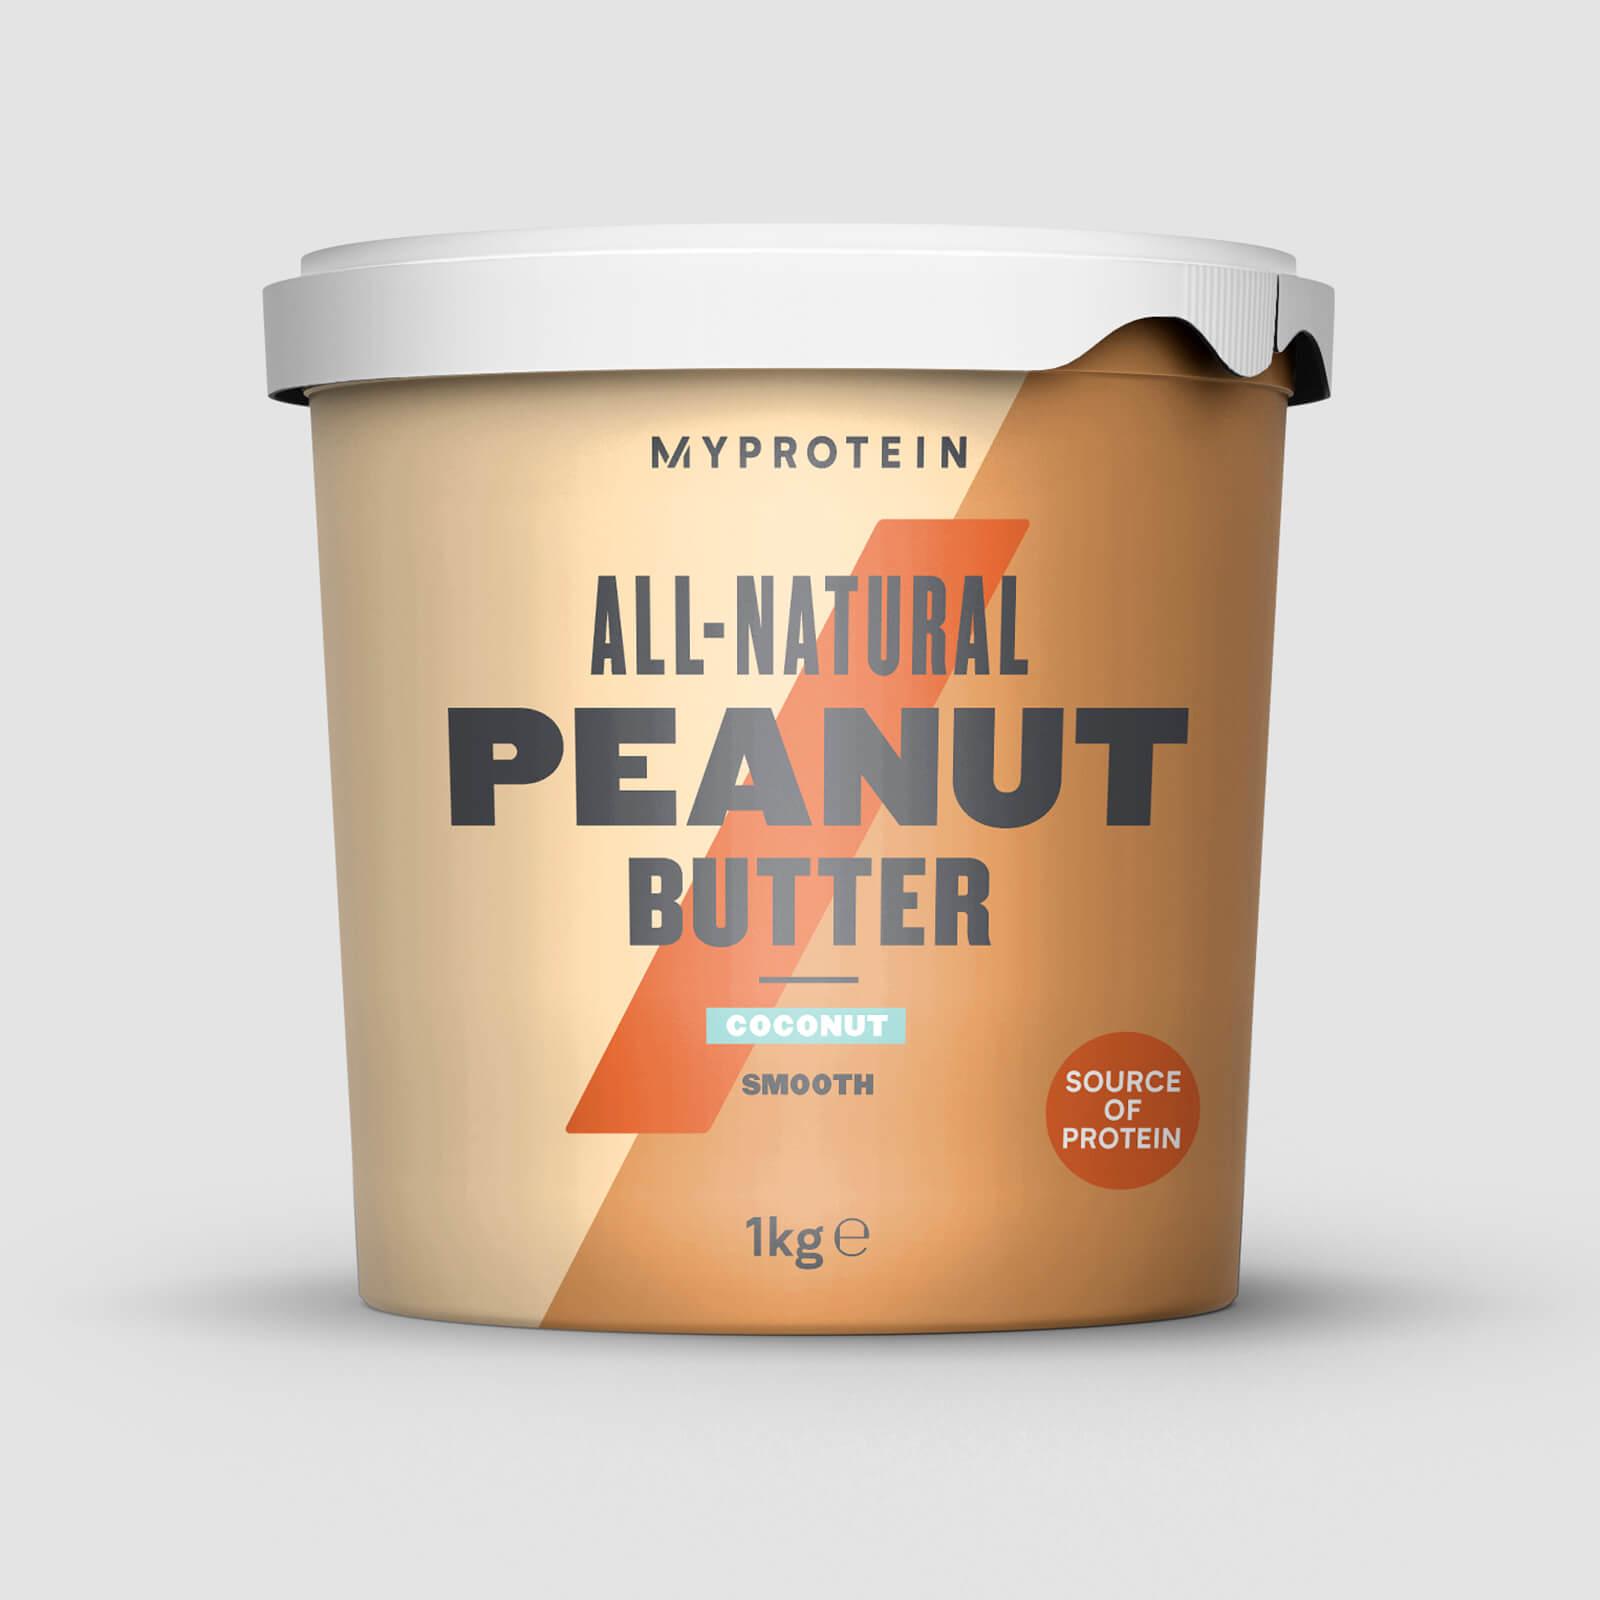 Купить Натуральная арахисовая паста - 1kg - Кокосовая паста, Myprotein International